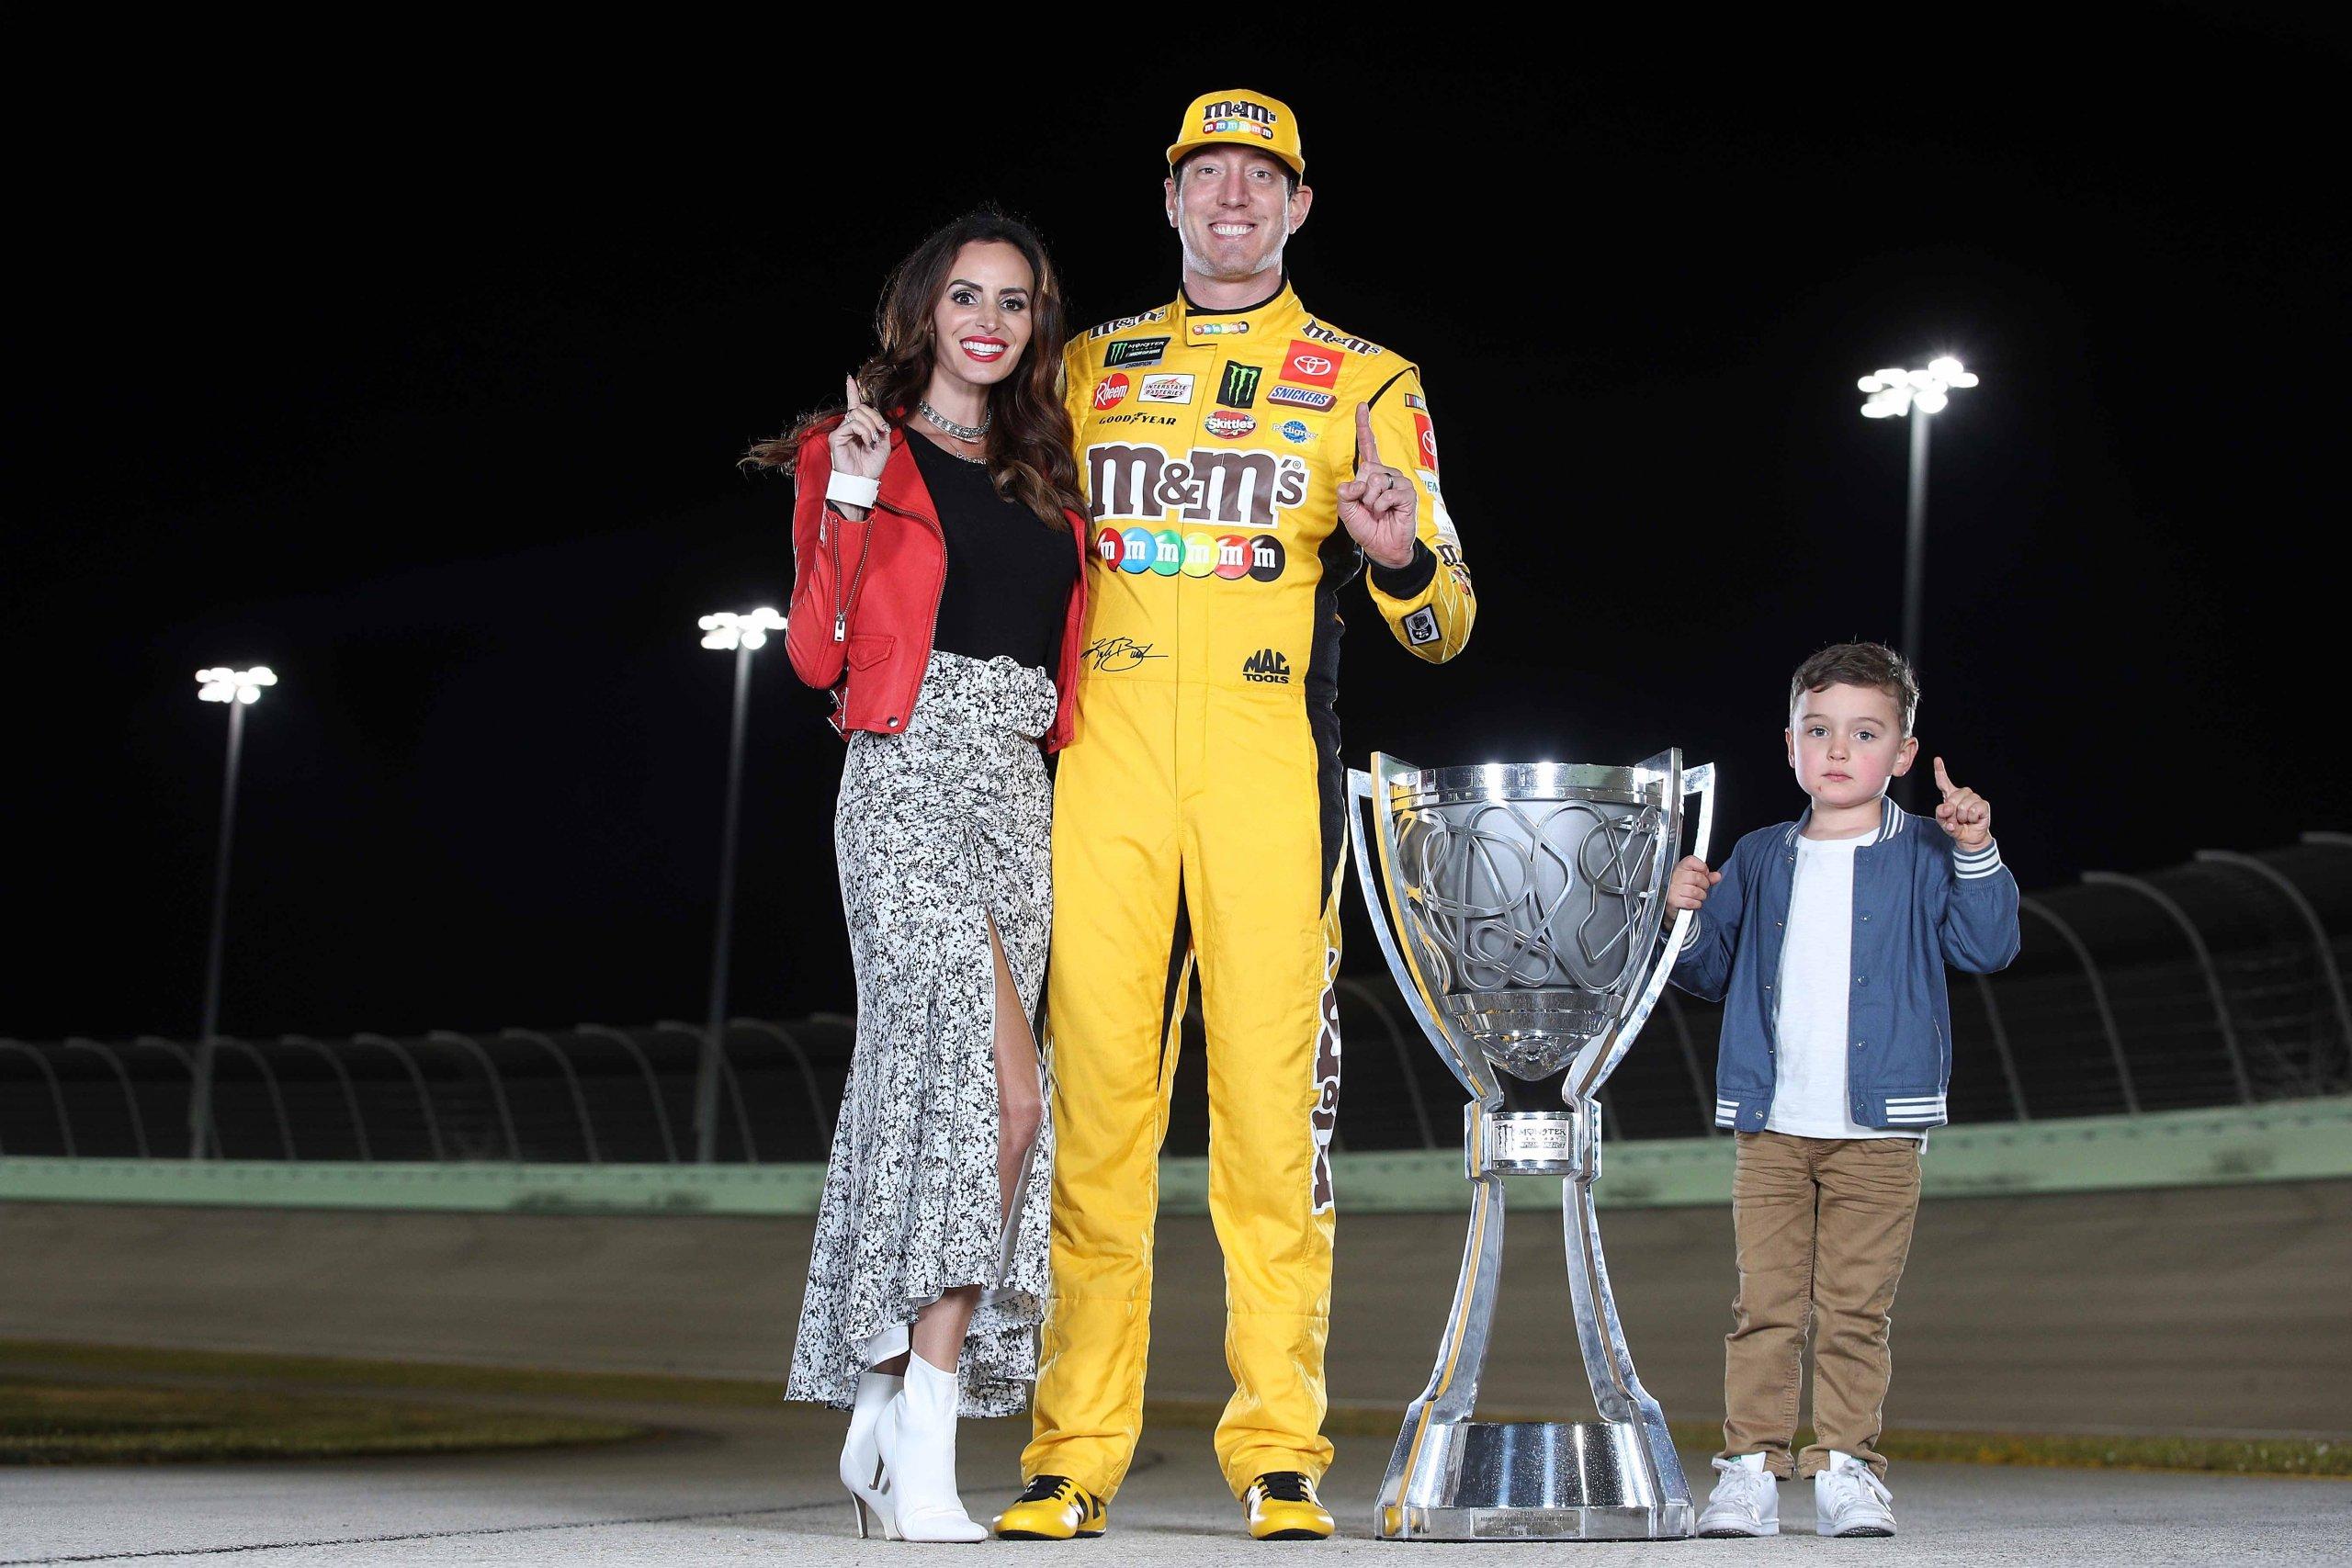 Kyle Busch, wife Samantha Busch, son Brexton Busch - 2019 NASCAR Cup Series champion